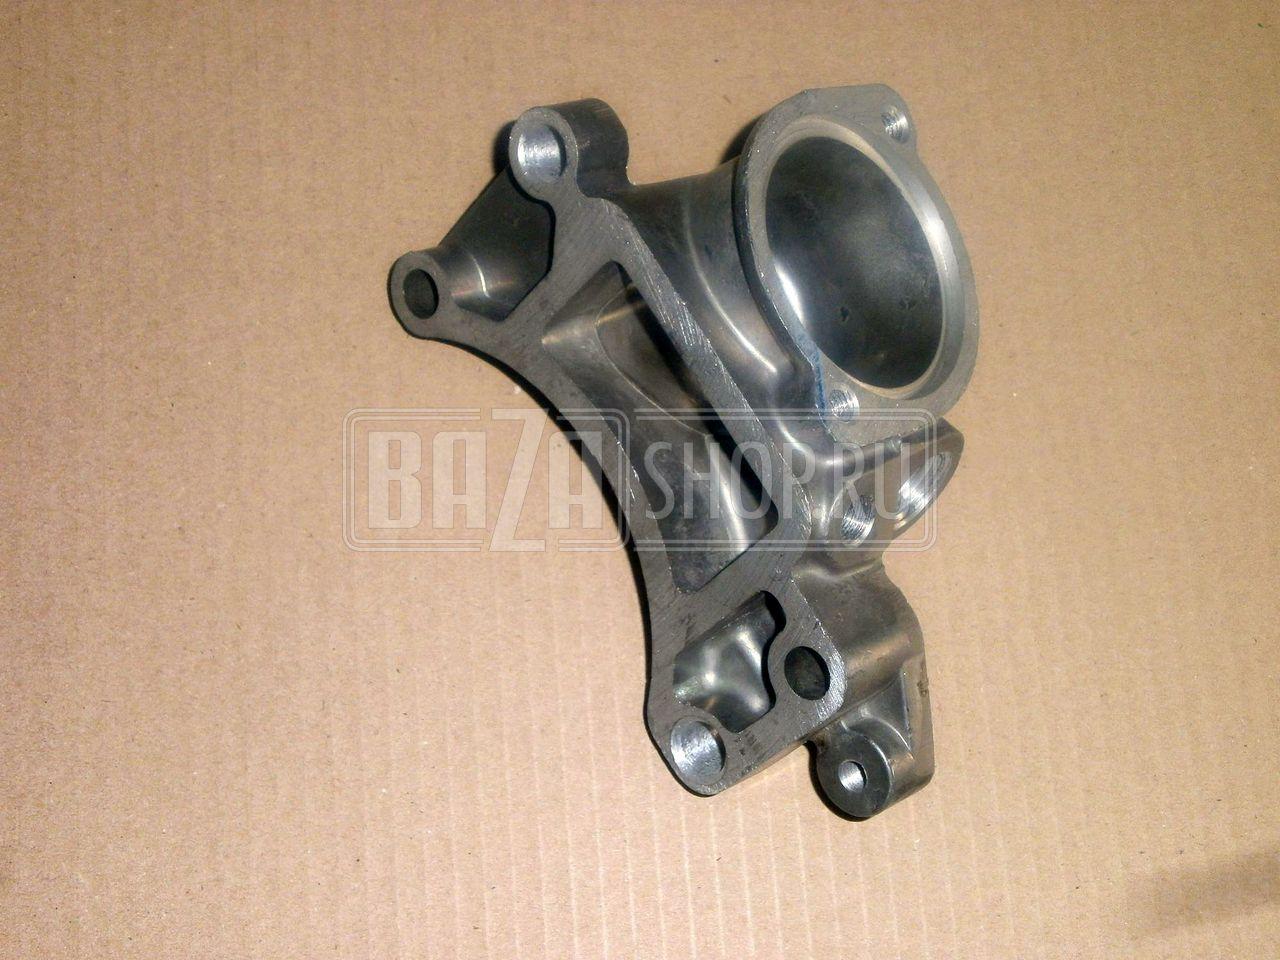 Уплотнения теплообменника КС 34 Тамбов Уплотнения теплообменника Tranter GL-013 P Улан-Удэ